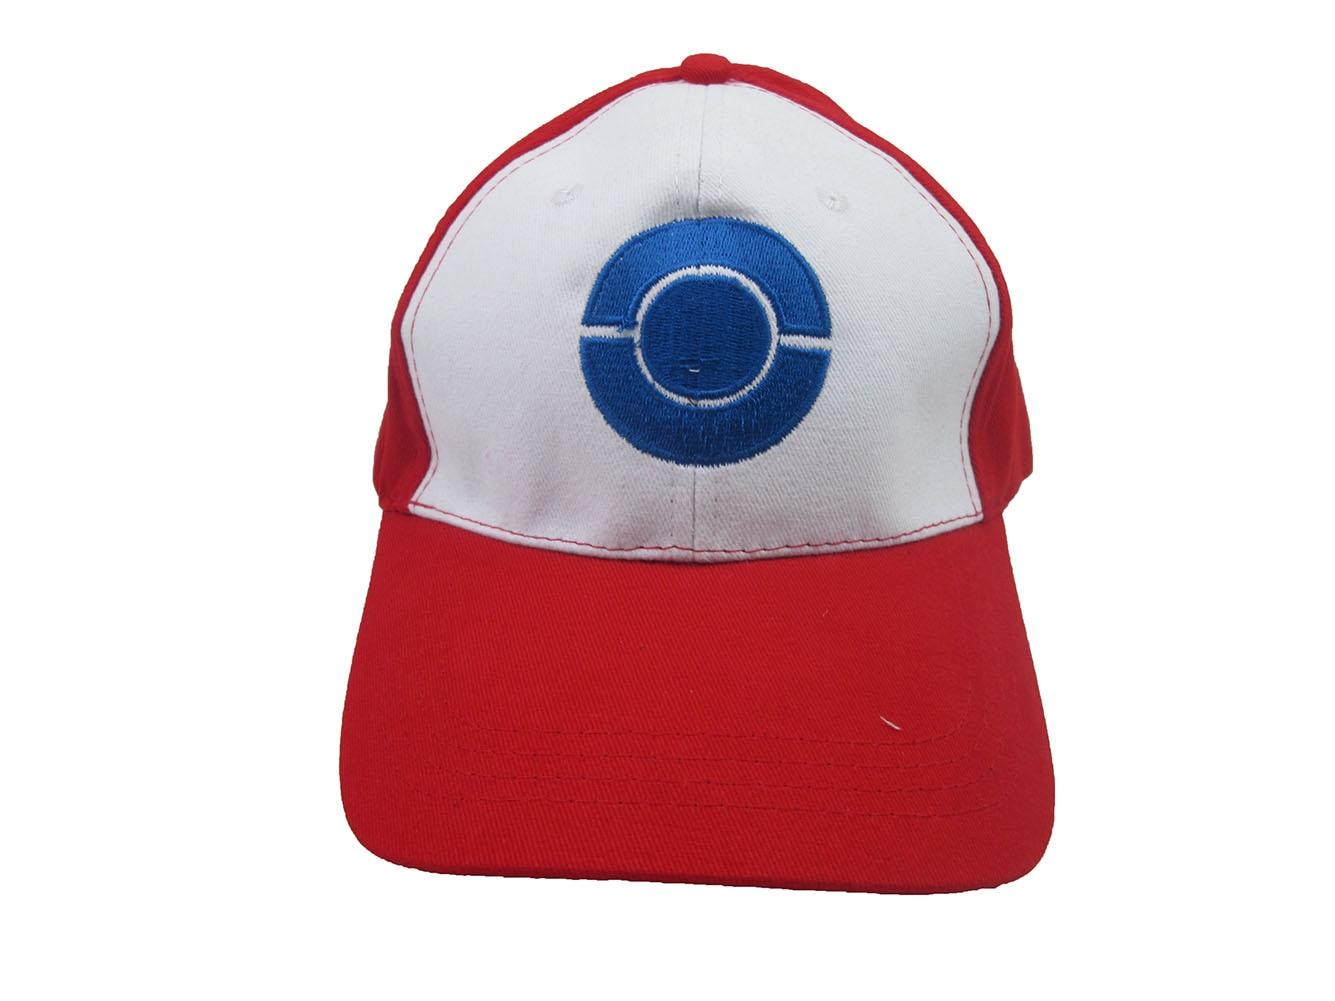 Brdwn Pocket Cosplay Ash Ketchum Hat Peaked mesh Baseball - Կարնավալային հագուստները - Լուսանկար 3